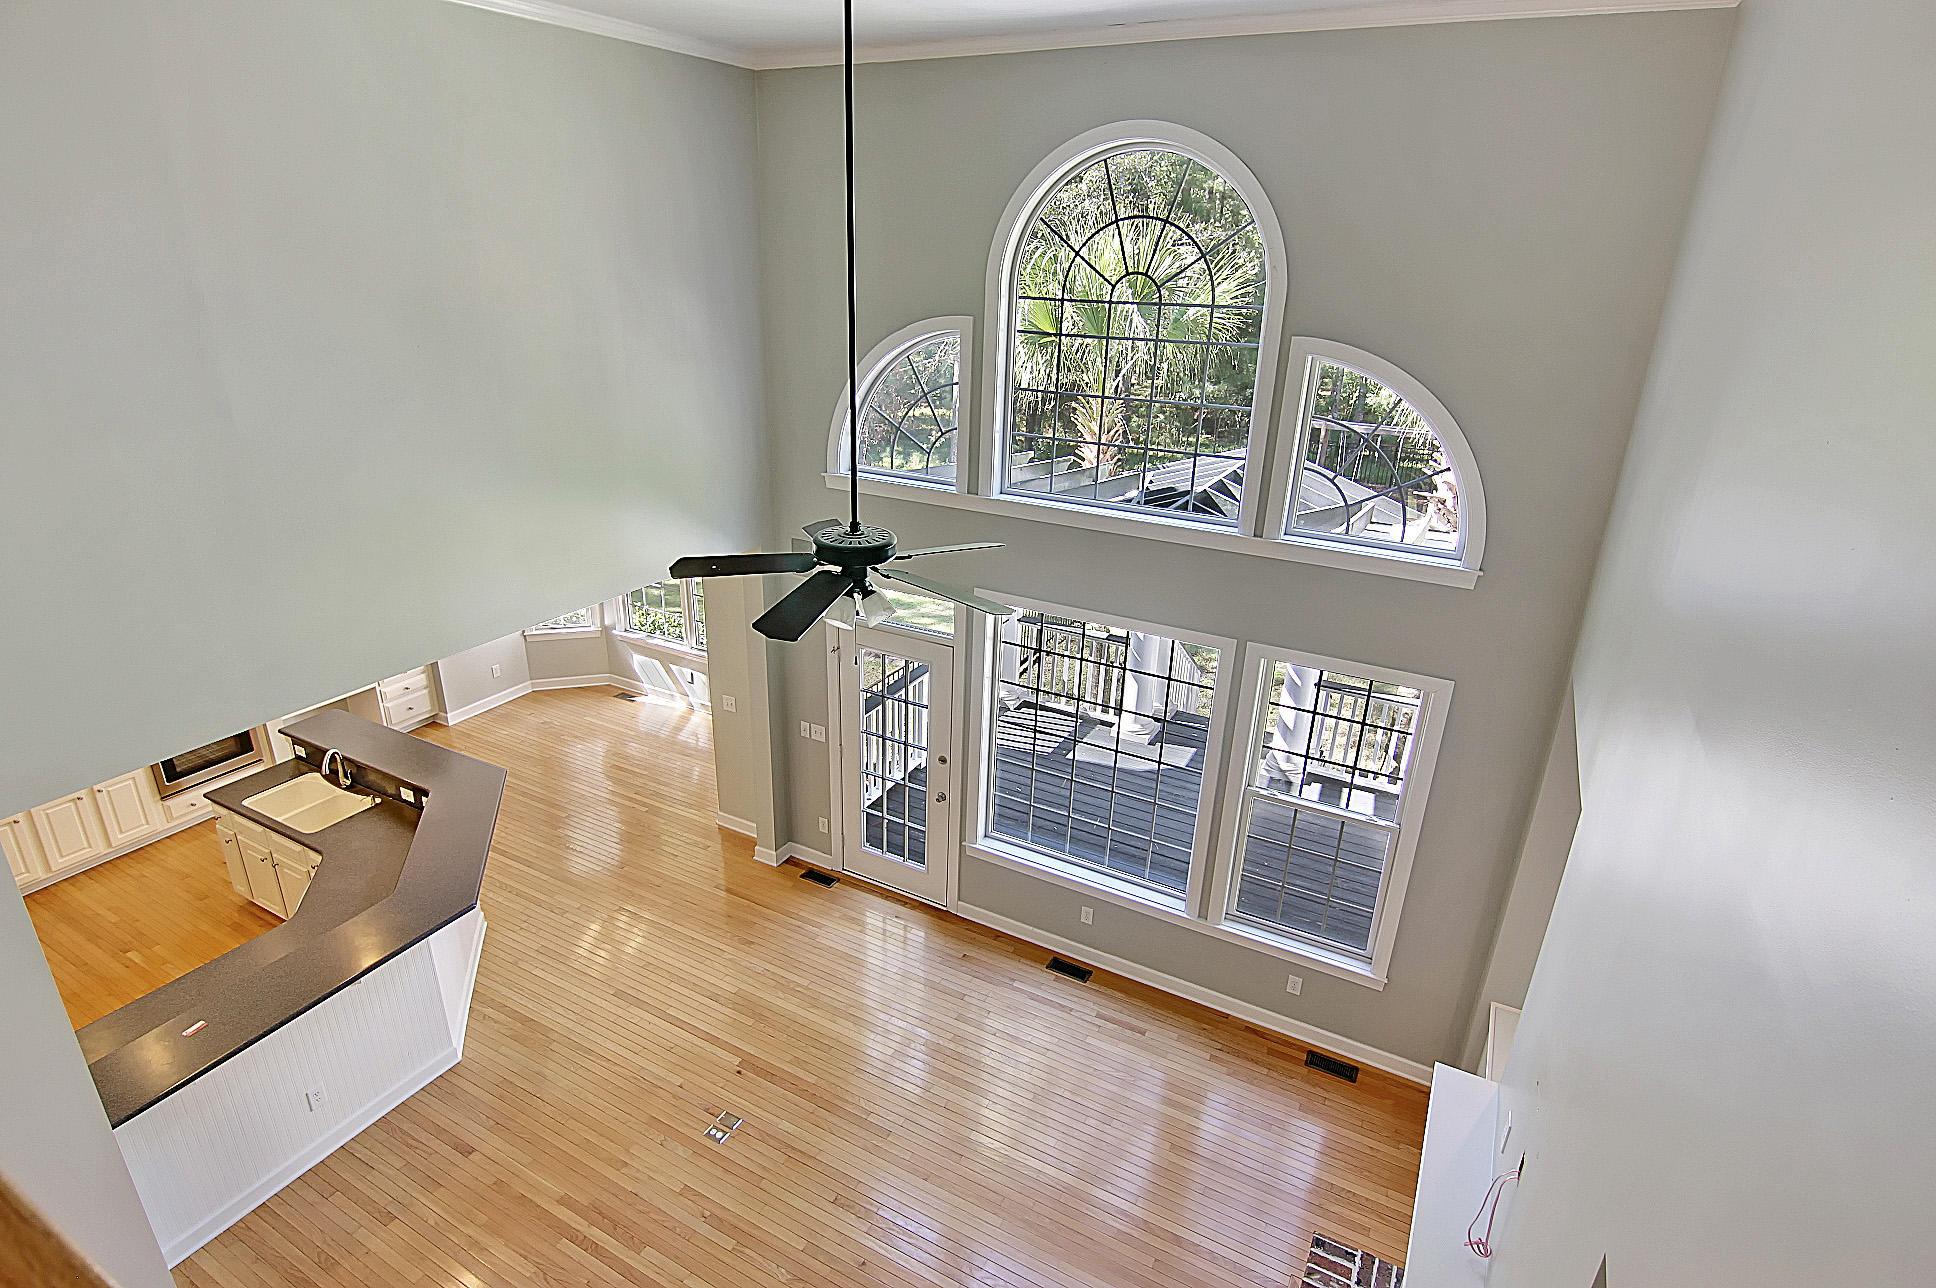 Dunes West Homes For Sale - 2236 Black Oak, Mount Pleasant, SC - 61